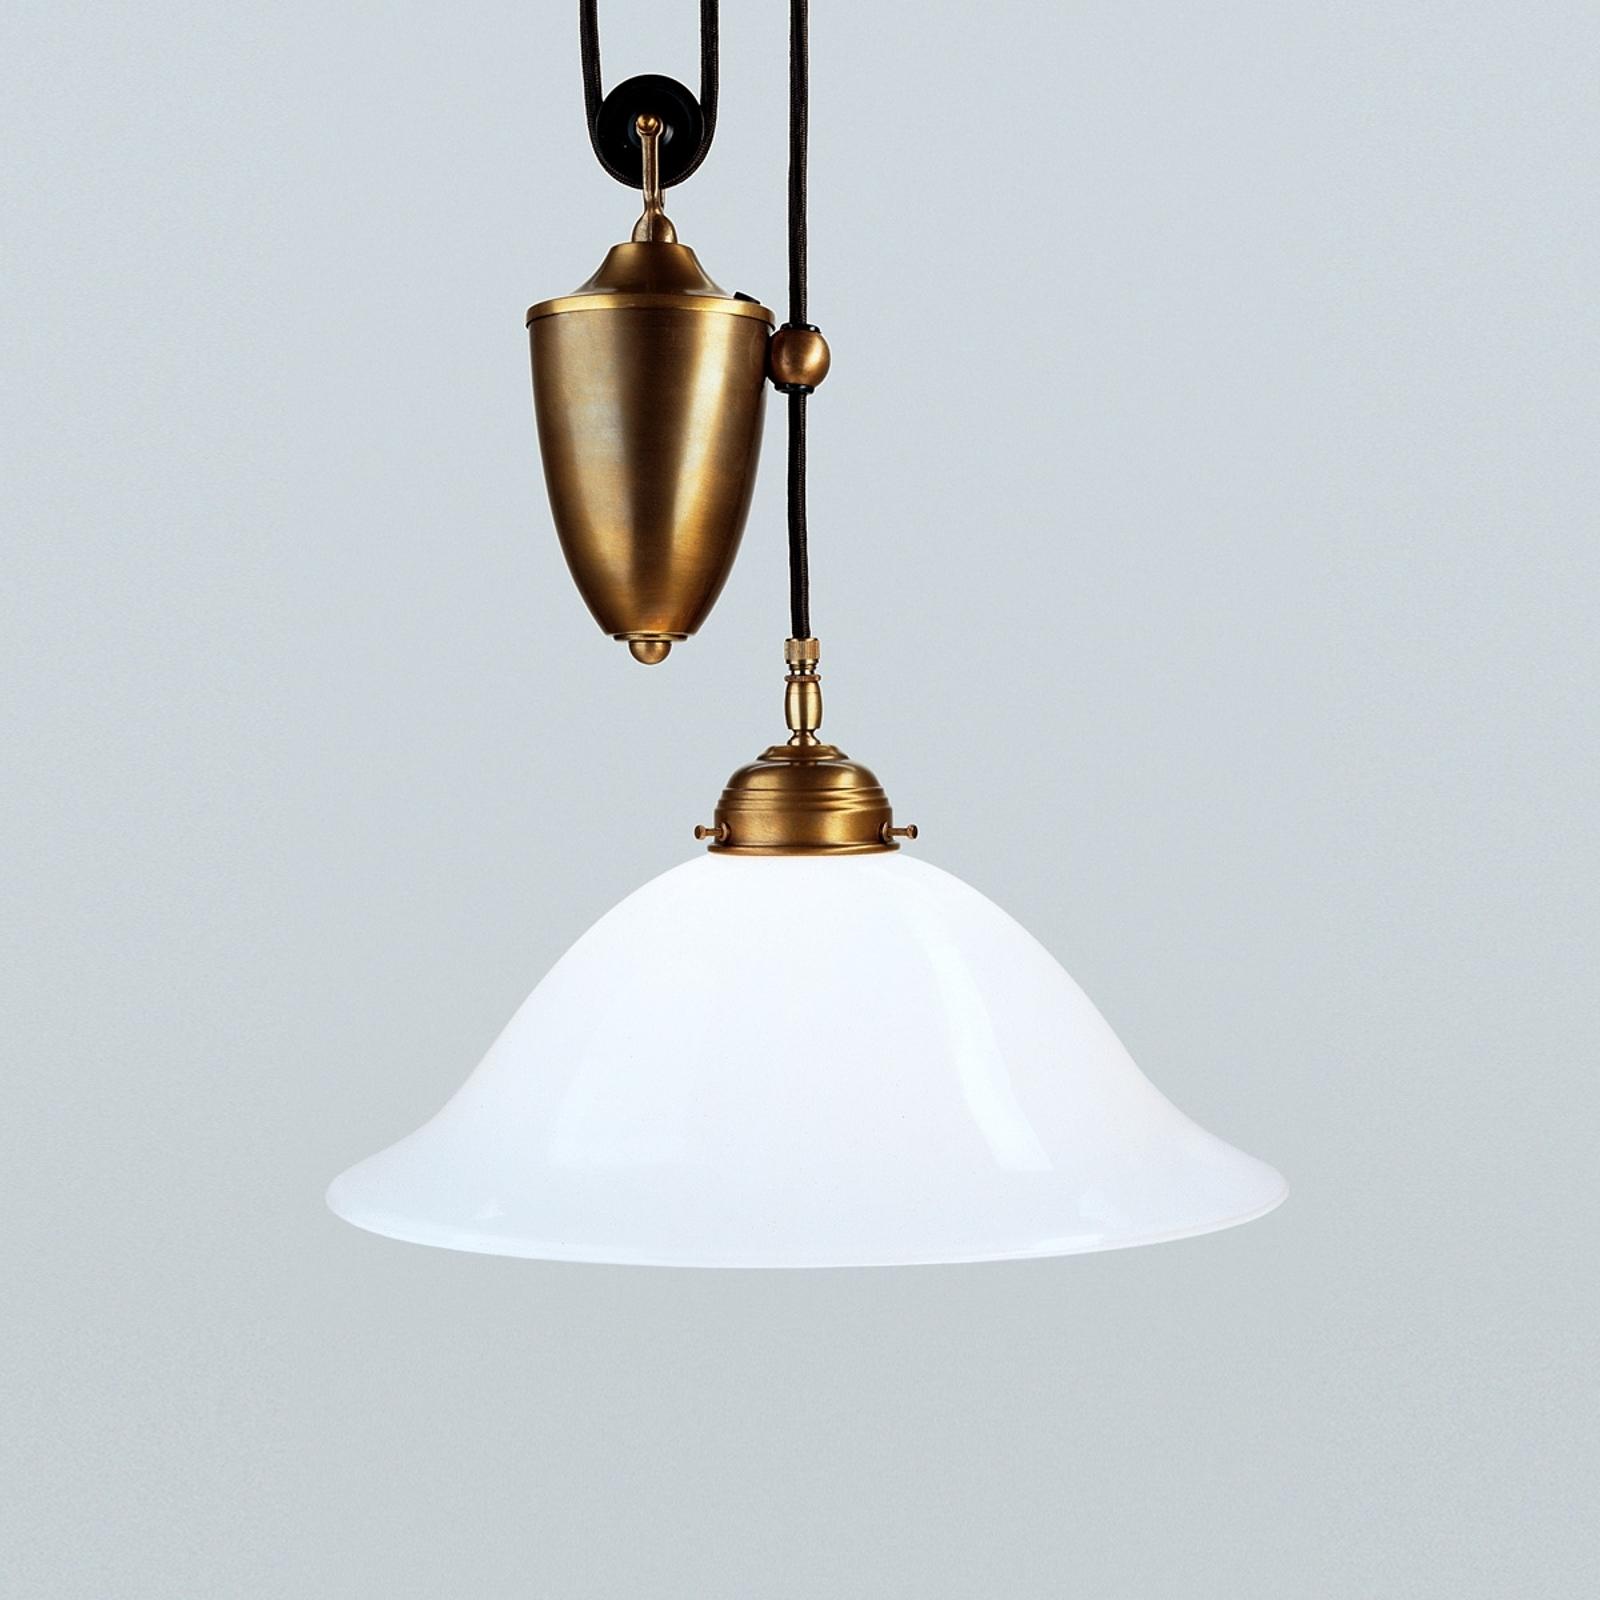 Bernd hanging light made of brass_1542082_1